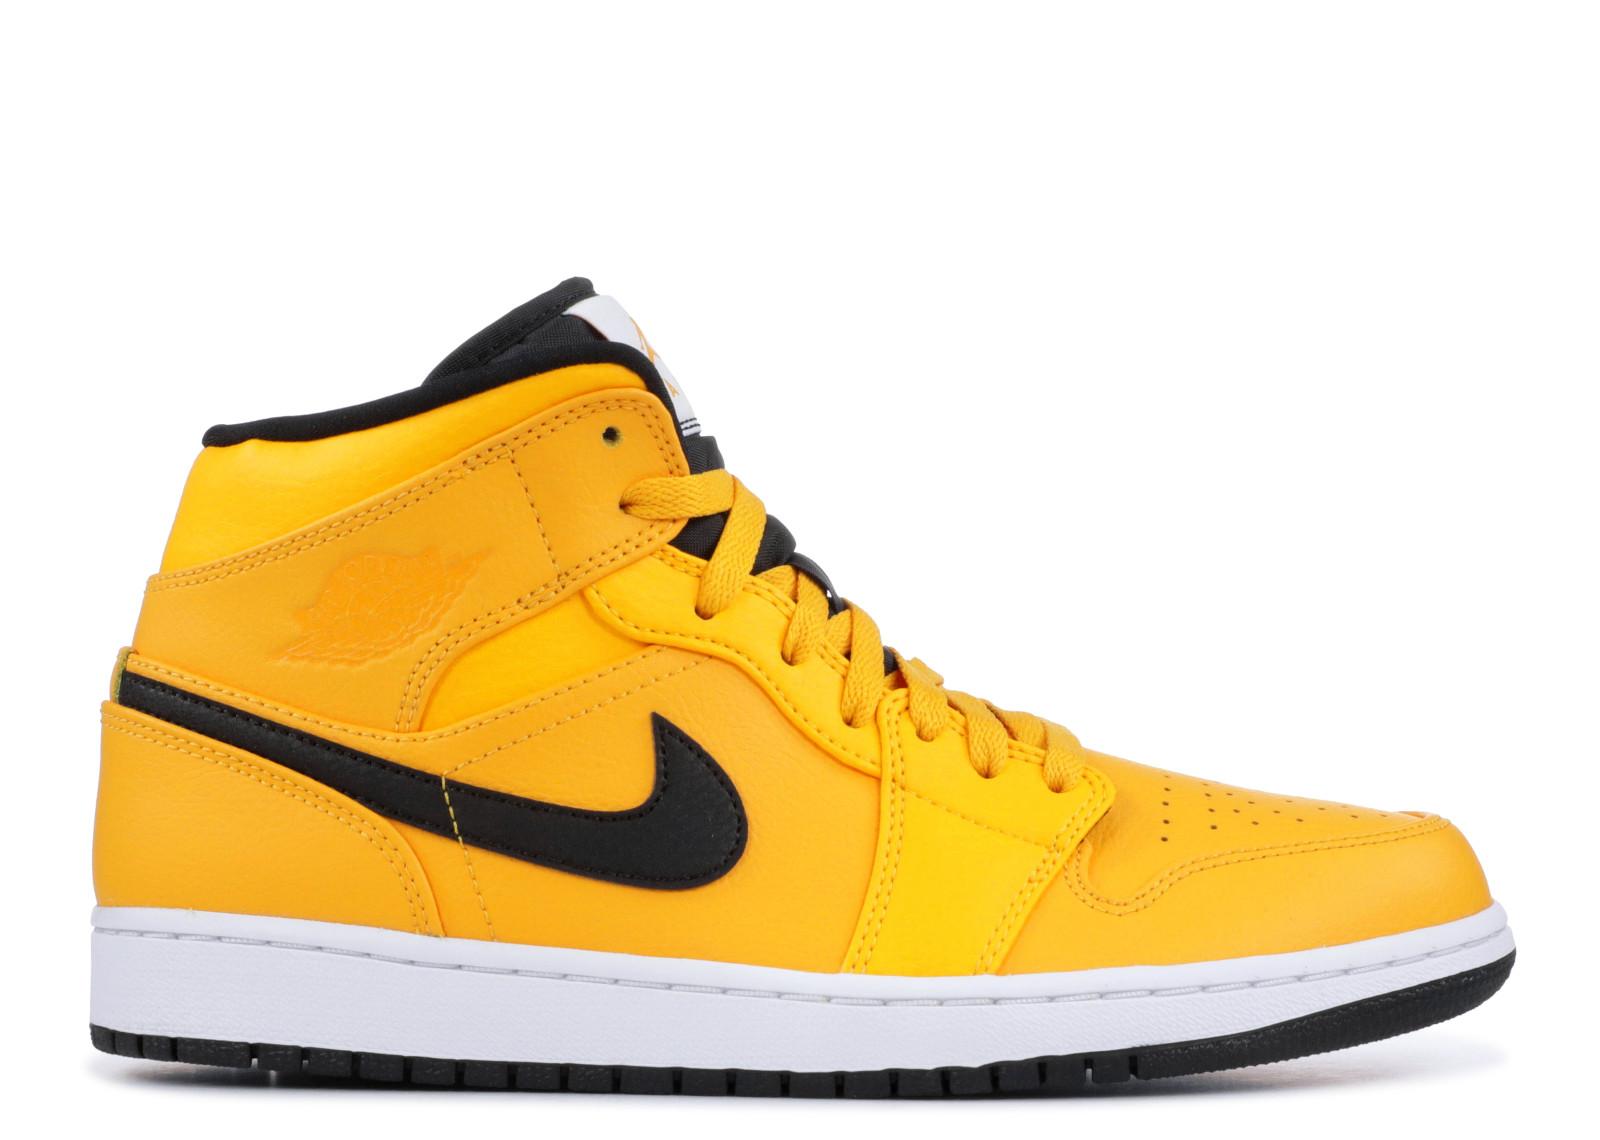 size 40 9d01d f24c5 Jordan 1 Mid University Gold Black